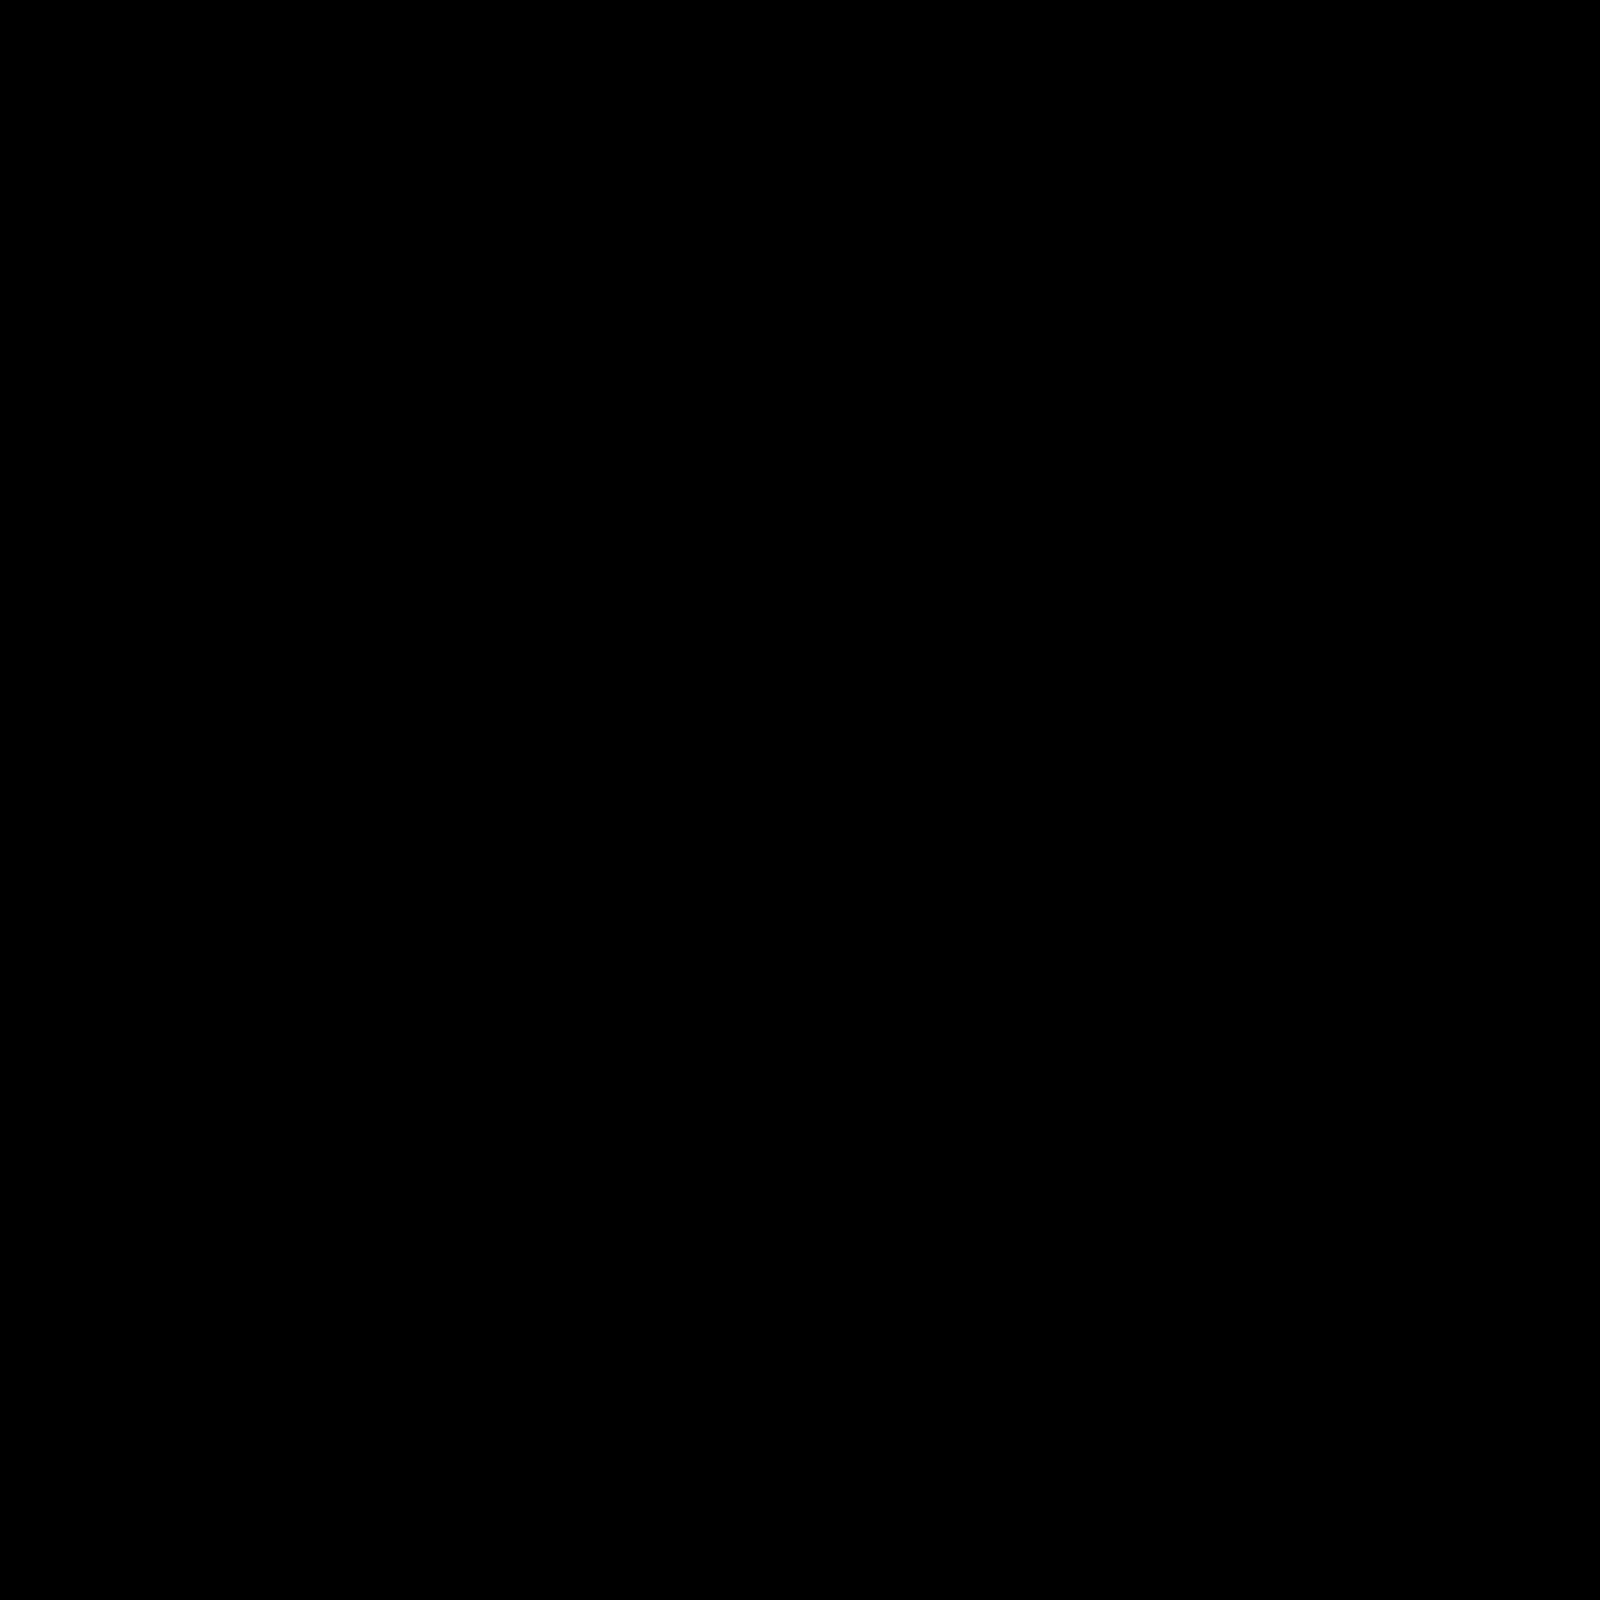 Symbole Effacer icon